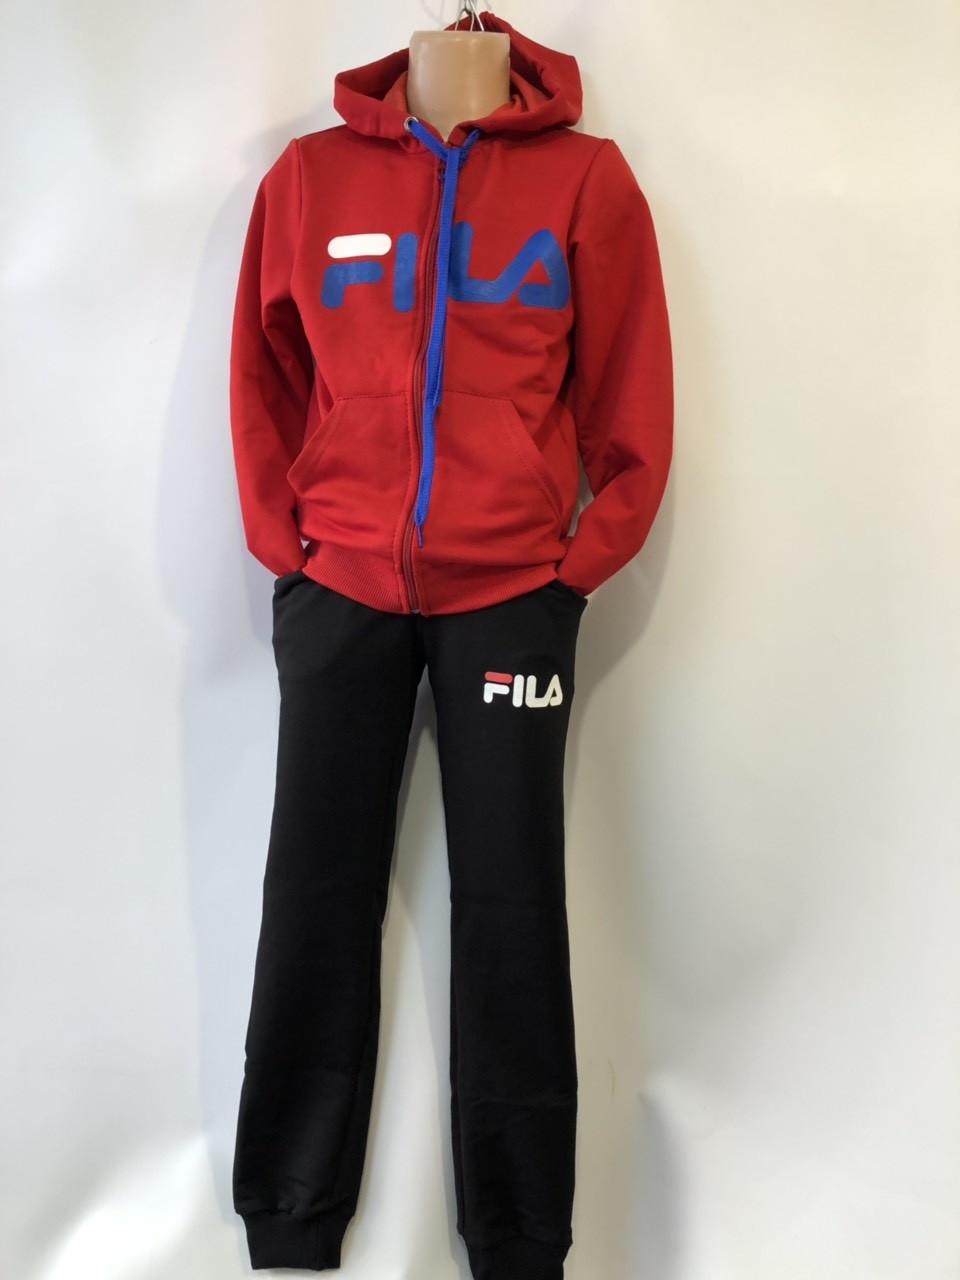 Спортивный костюм для девочки Fils р.6-10 лет опт (реплика) красный+черный